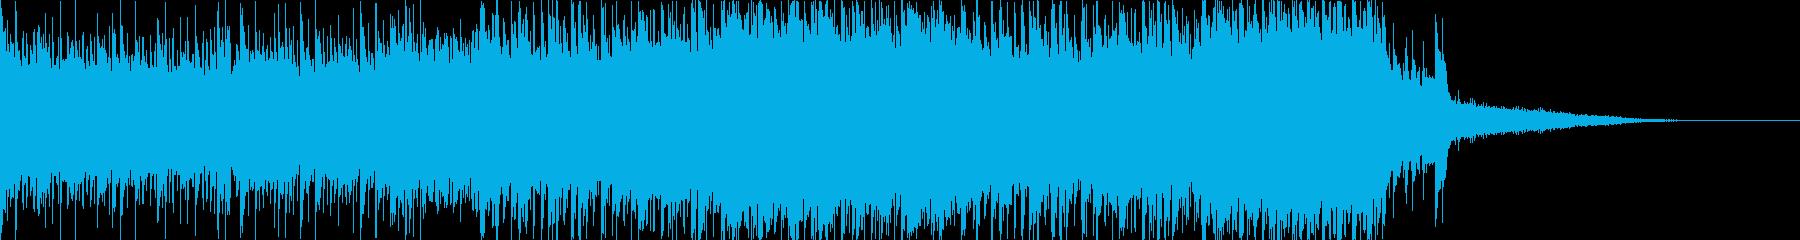 短めで暗めなドラムンベースの再生済みの波形